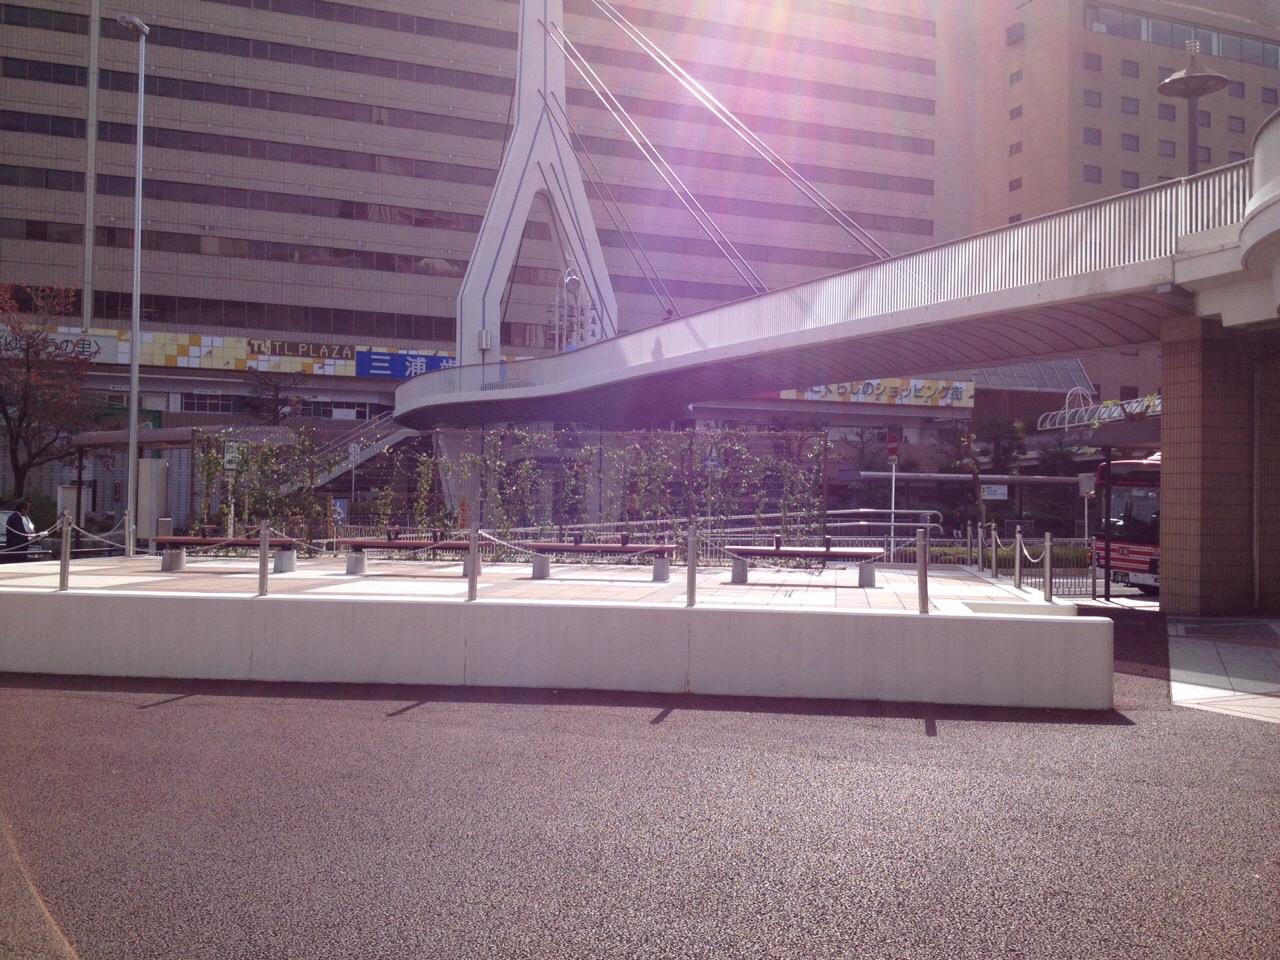 カナディアンスクエア広場